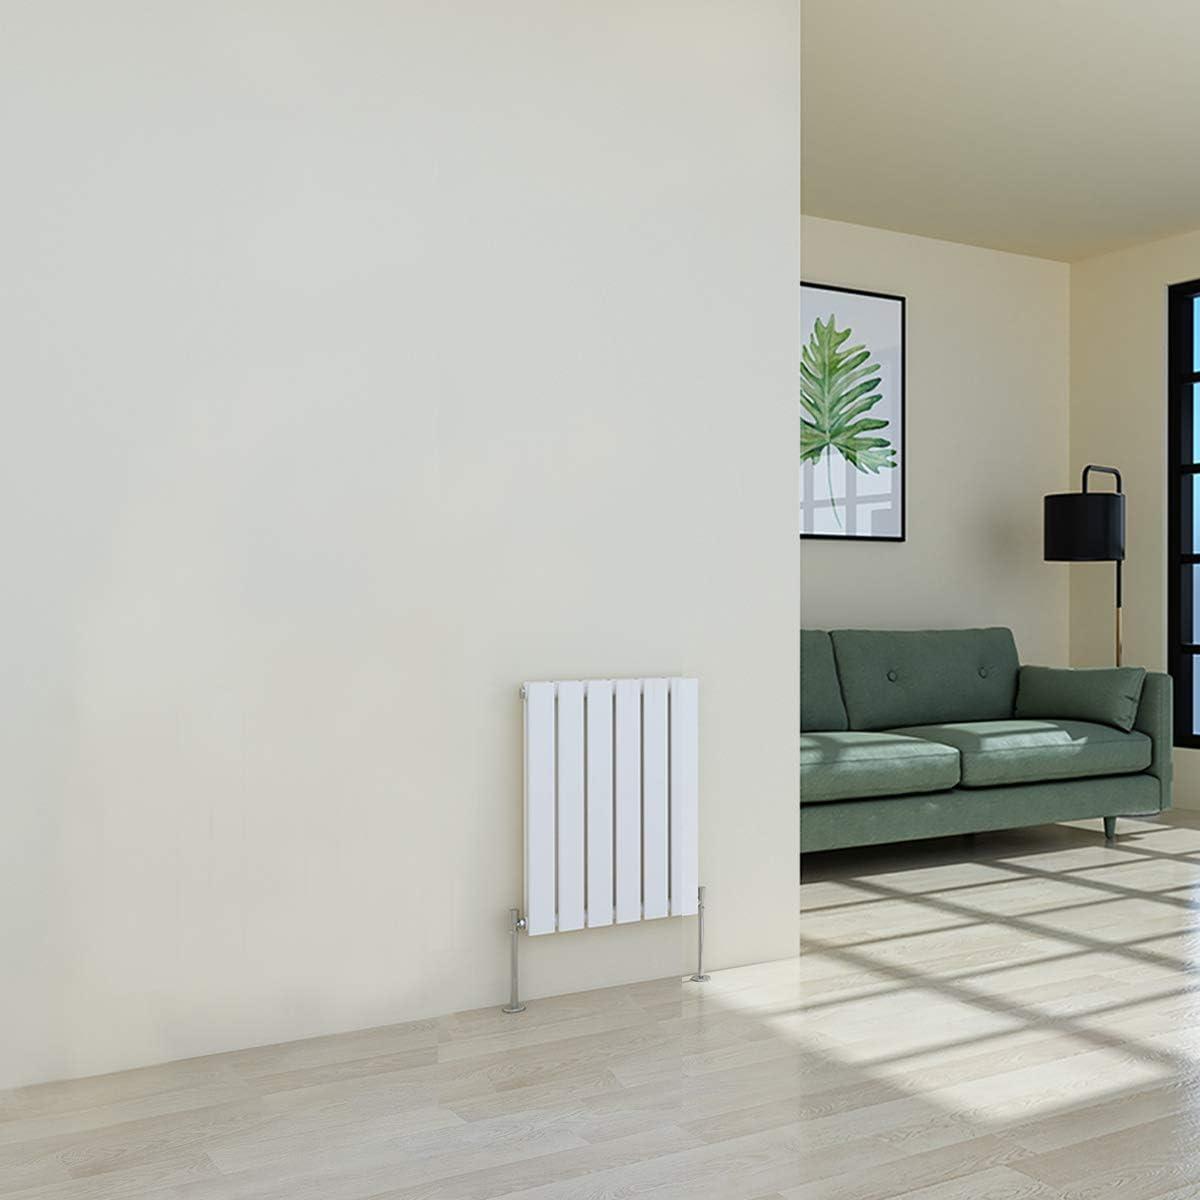 WarmeHaus Horizontal Designer Radiator Flat Panel Modern Heating Double White Radiator 600 x 410mm